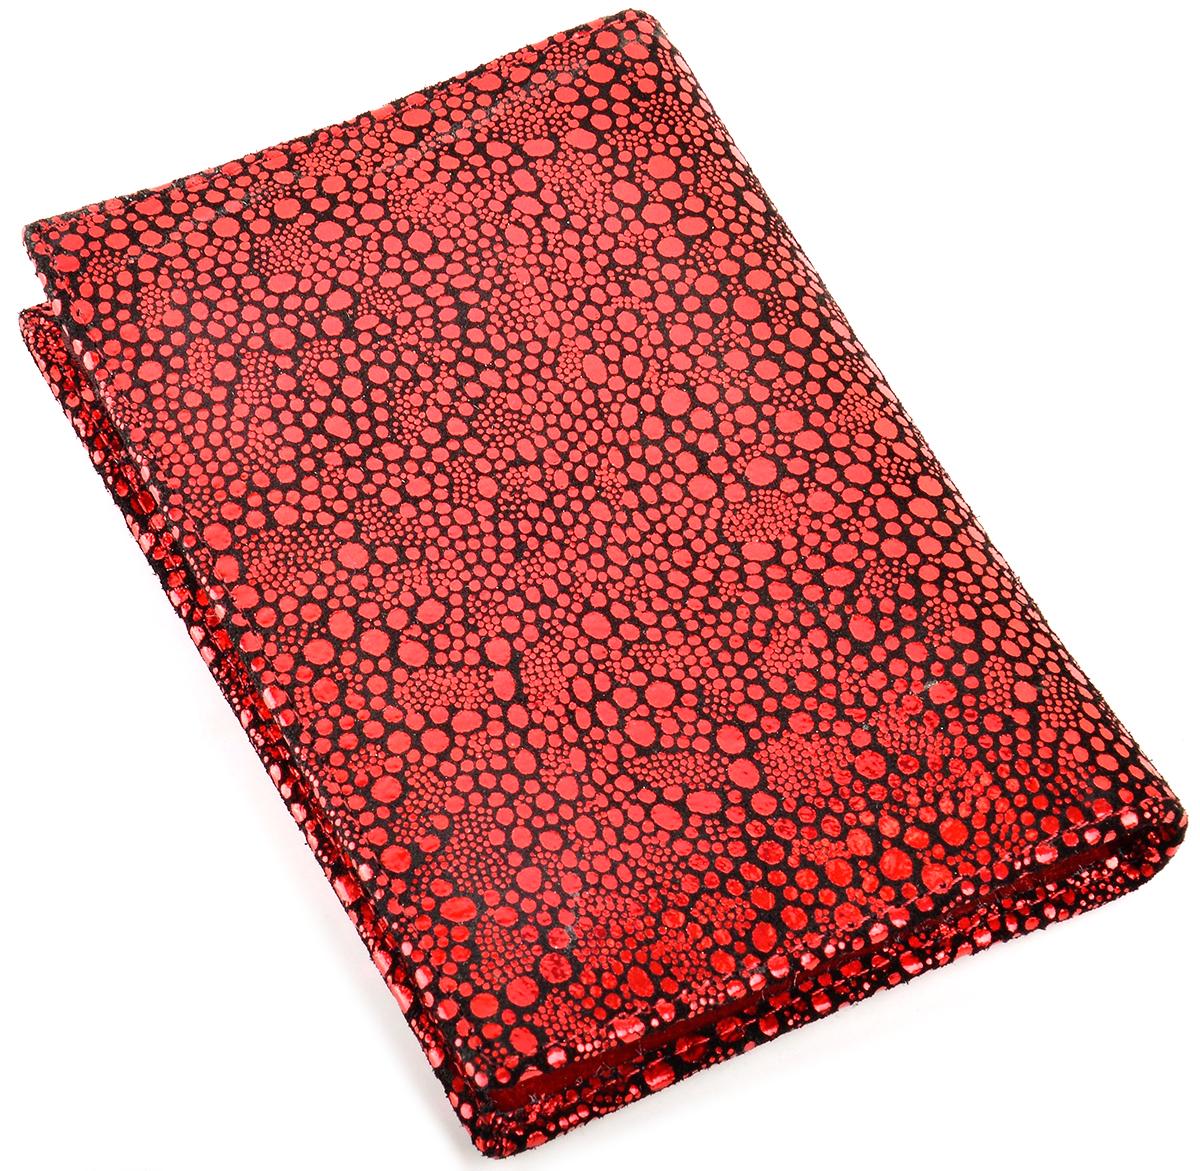 Обложка для автодокументов женская Topo Fortunato, цвет: красный. TF 724-092АНатуральная кожаИзысканная обложка для автодокументов Topo Fortunato изготовлена из натуральной кожи. С левой стороны кожаный захват, два кармашка для пластиковых карт, прозрачное окошко для пропуска, с правой стороны пластиковый захват. Вкладыш для автодокументов. Размер: 9,5 х 13,3 см.